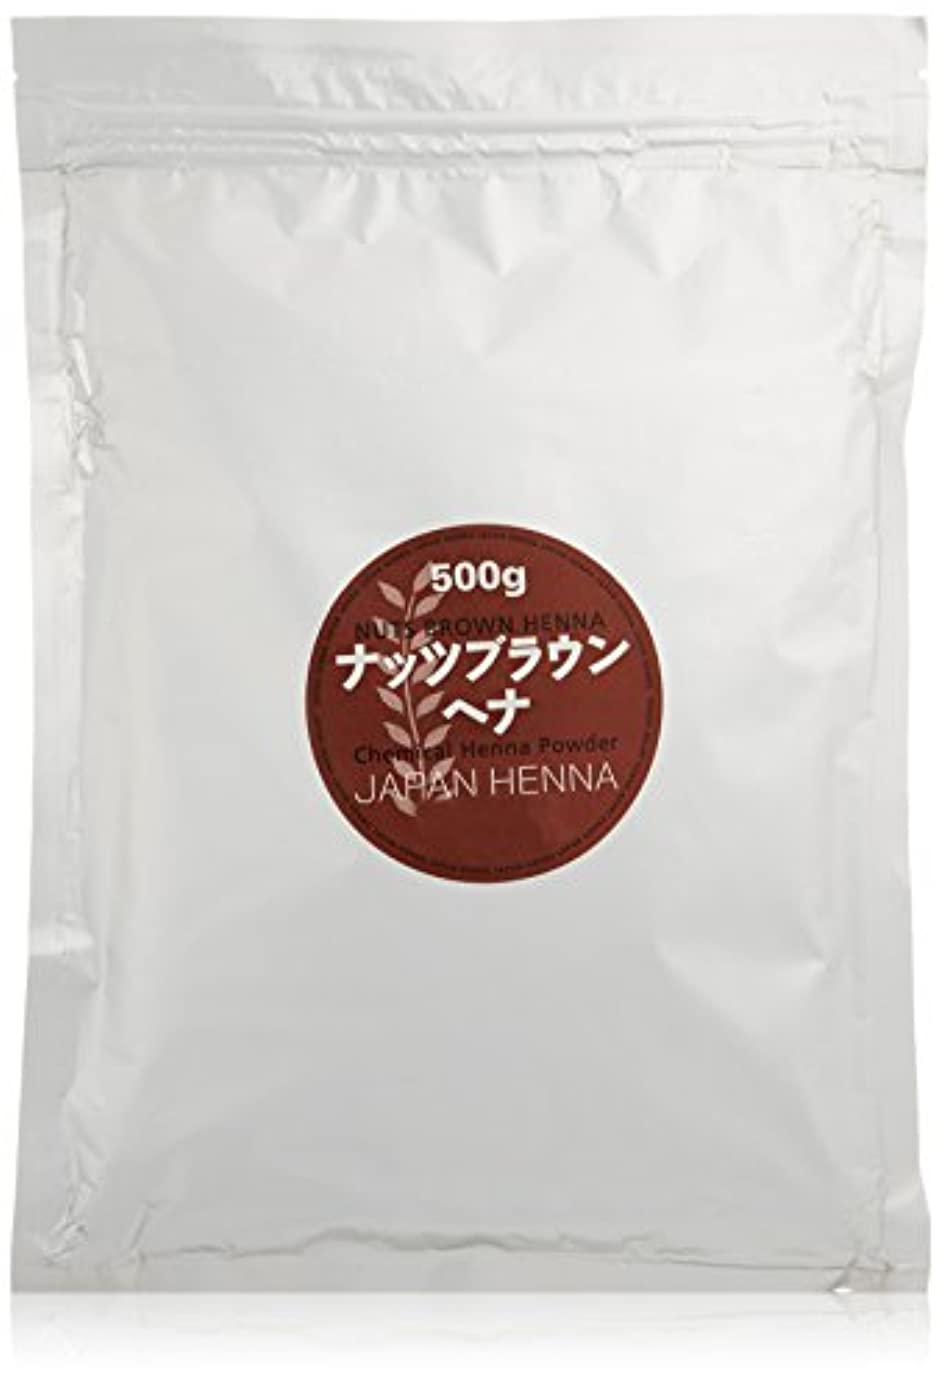 言うまでもなく唇切断するジャパンヘナ ナッツブラウン 500g